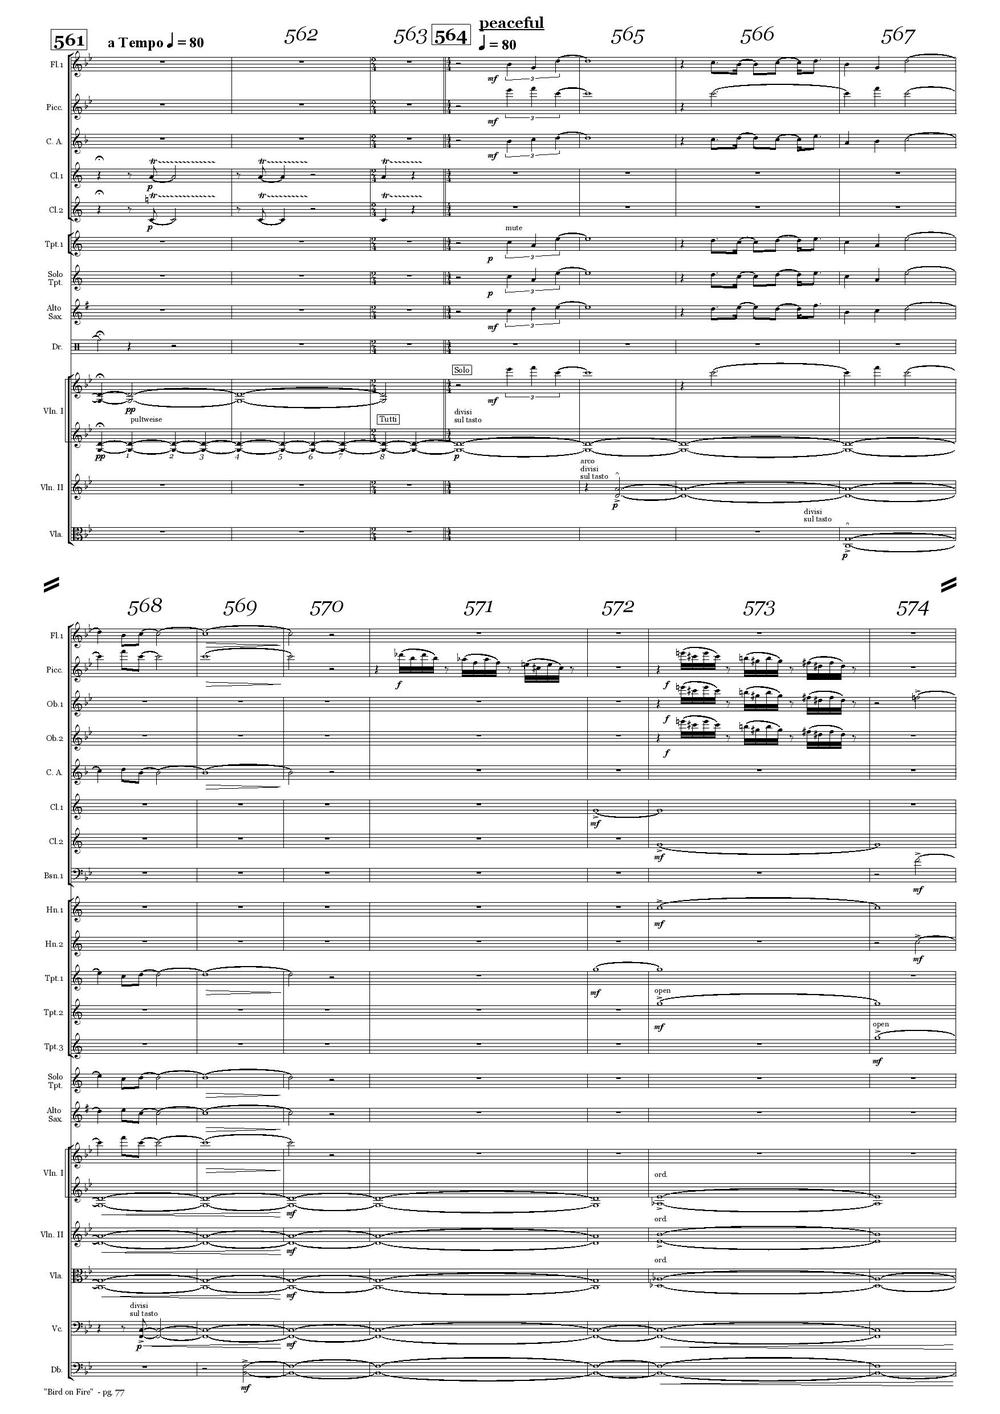 Bird on Fire - score-page-080.jpg